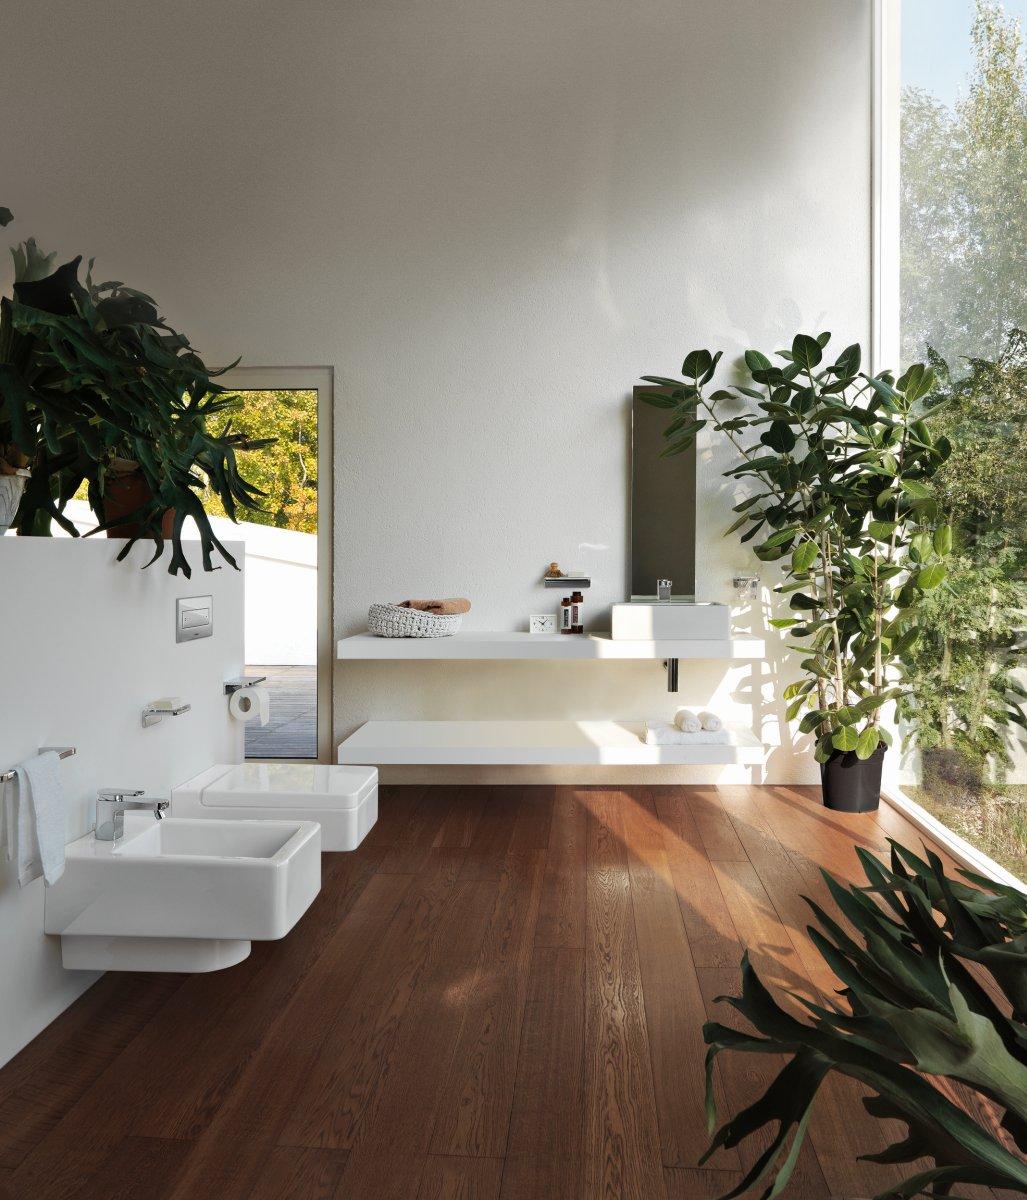 keramik f r 39 s bad von fliesen baddesign in kassel harleshausen. Black Bedroom Furniture Sets. Home Design Ideas